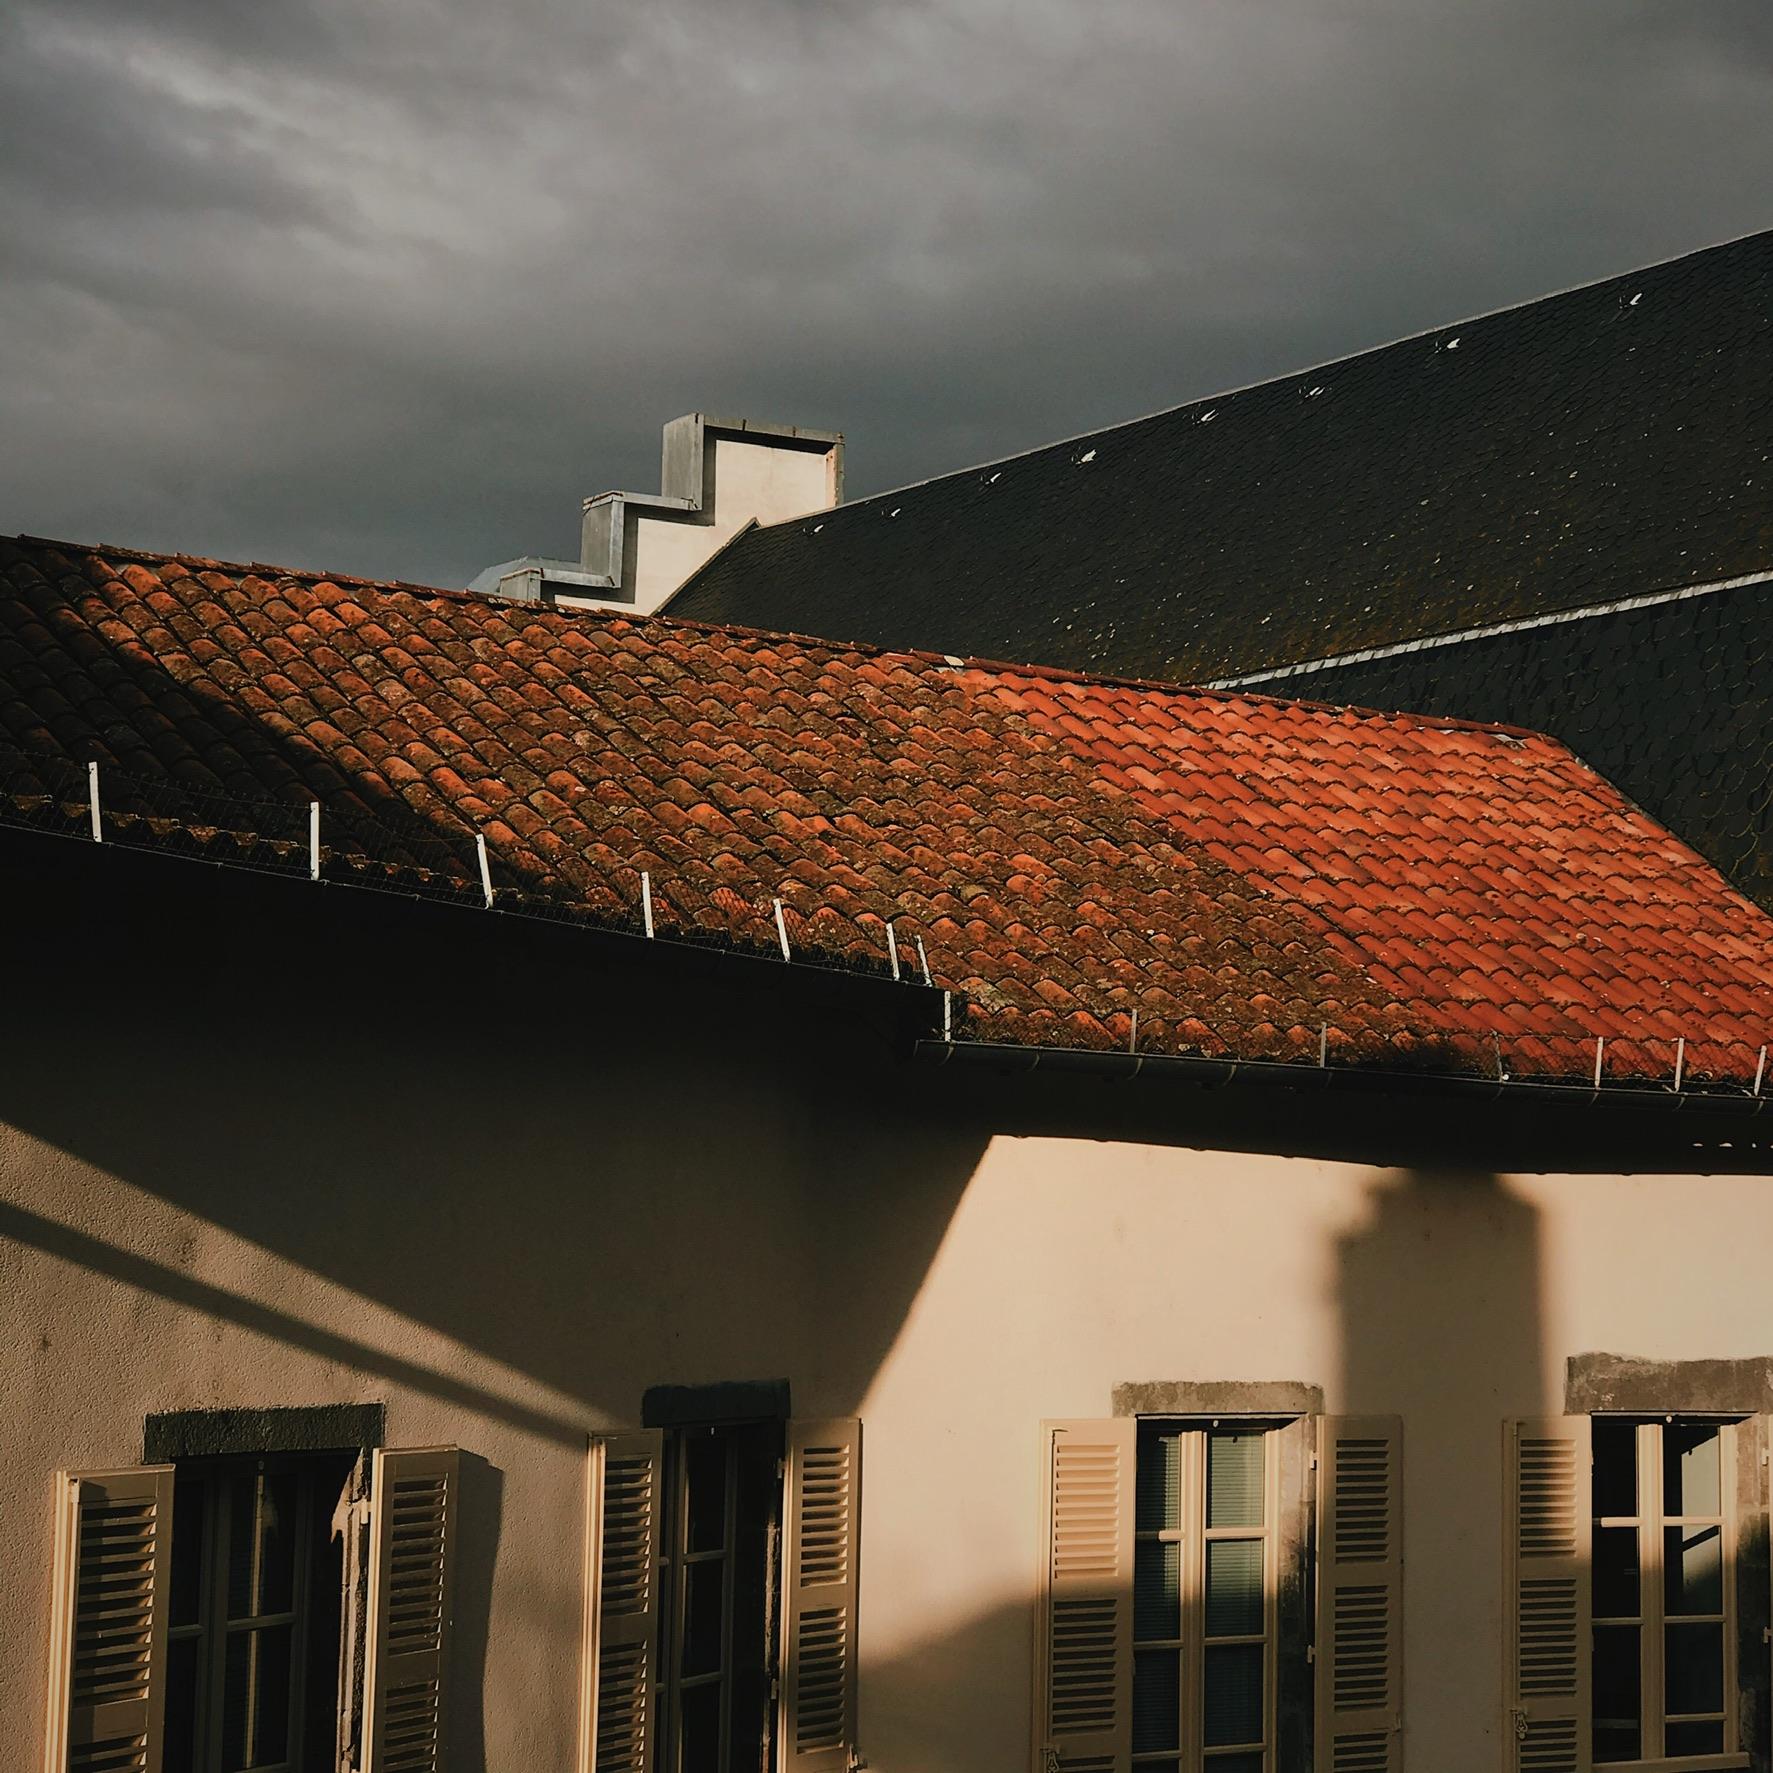 Entre lumière et mauvais temps - Aurillac